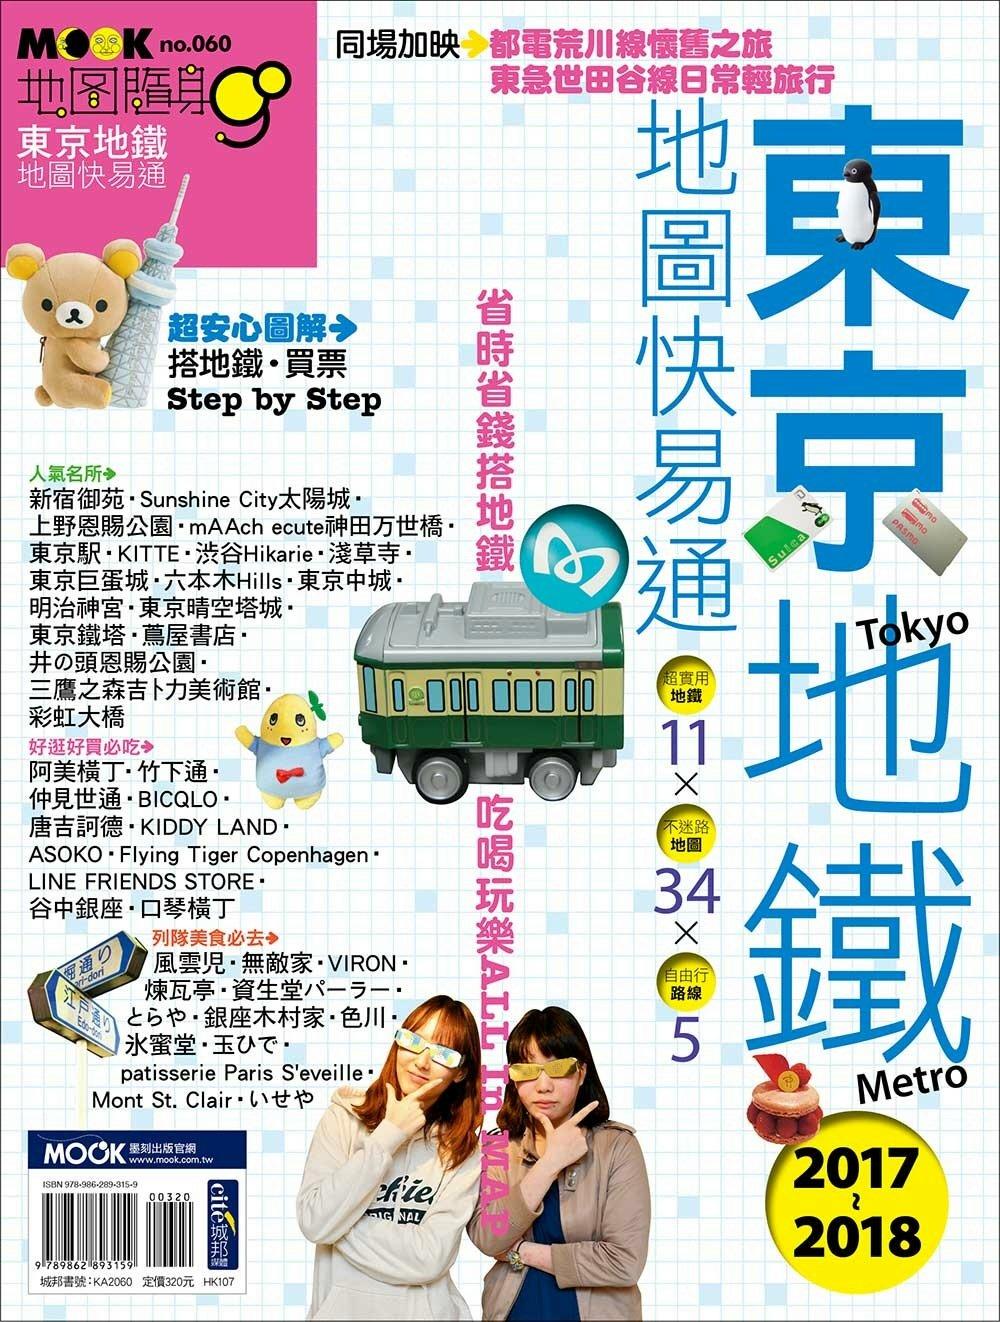 東京地鐵地圖快易通2017-2018